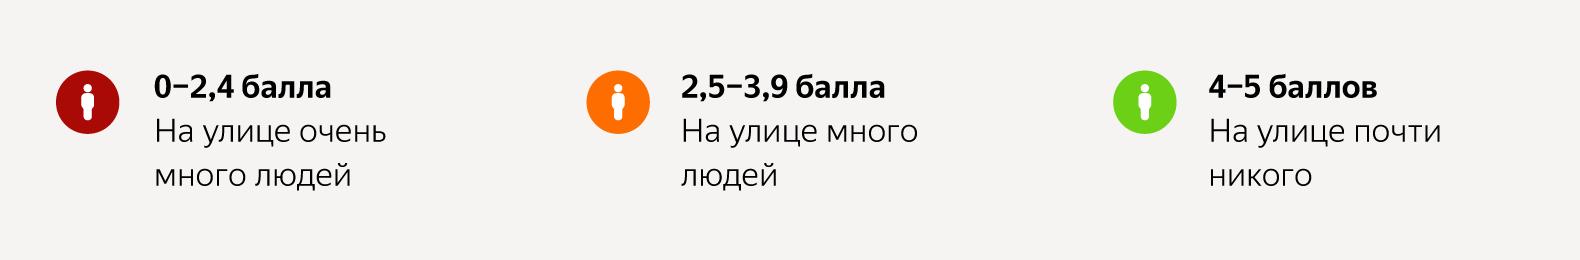 Коронавирус в Перми. Монитор самоизоляции в России.